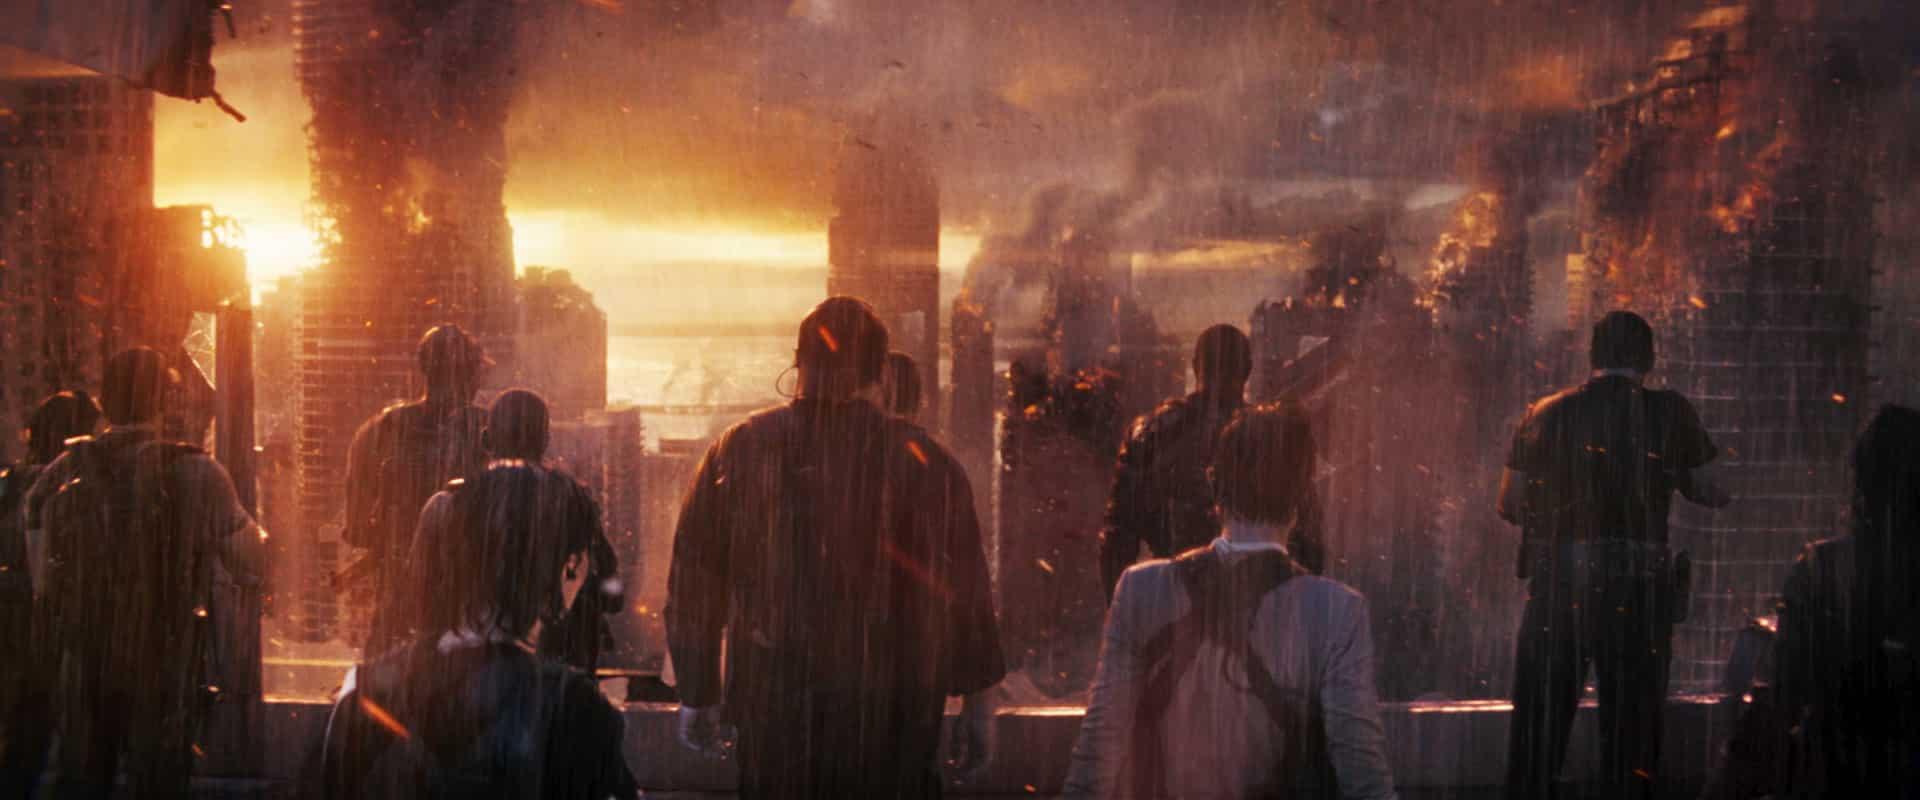 La Guerra di Domani Prime Video Trailer